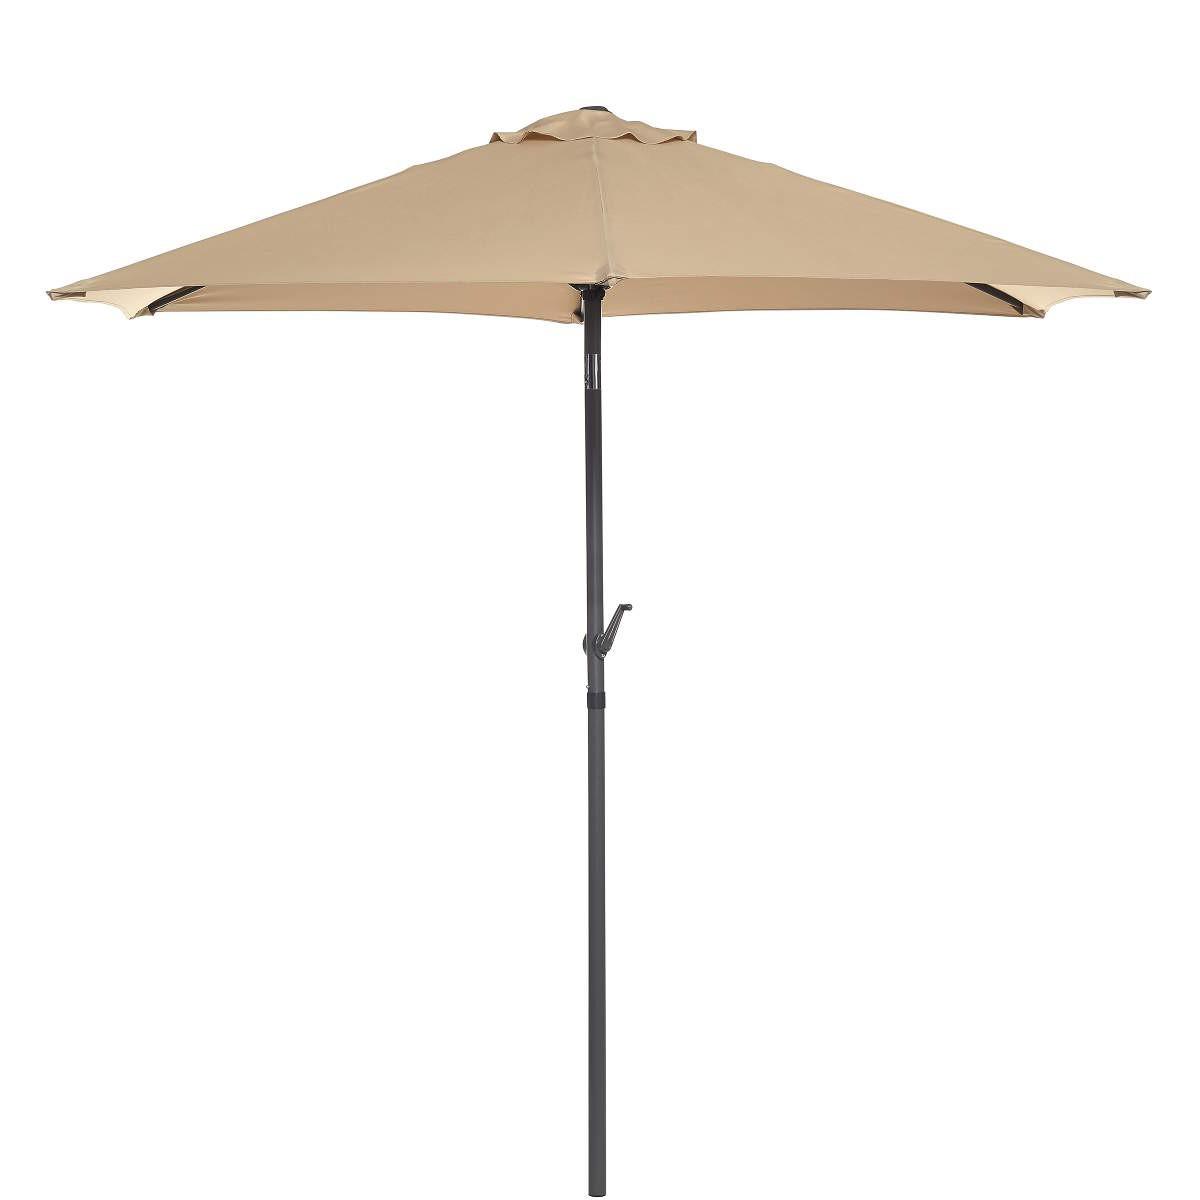 Slunečník Siesta, průměr 250 cm, 100 % polyester, hliníková konstrukce, ovládání klikou, www.butlers.cz, 799 Kč